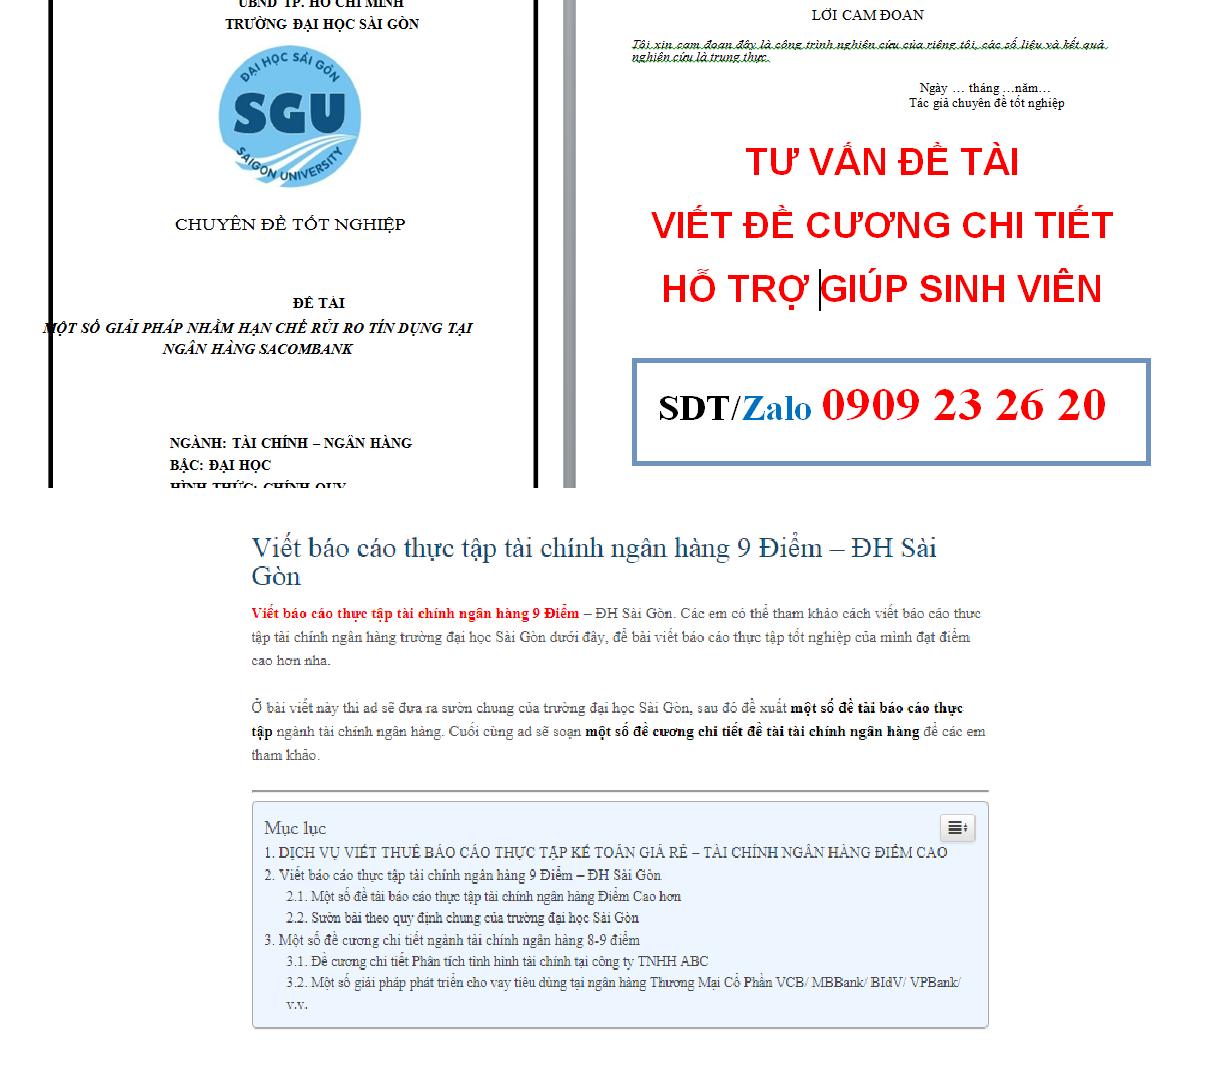 Viết báo cáo thực tập tài chính ngân hàng 9 Điểm – ĐH Sài Gòn